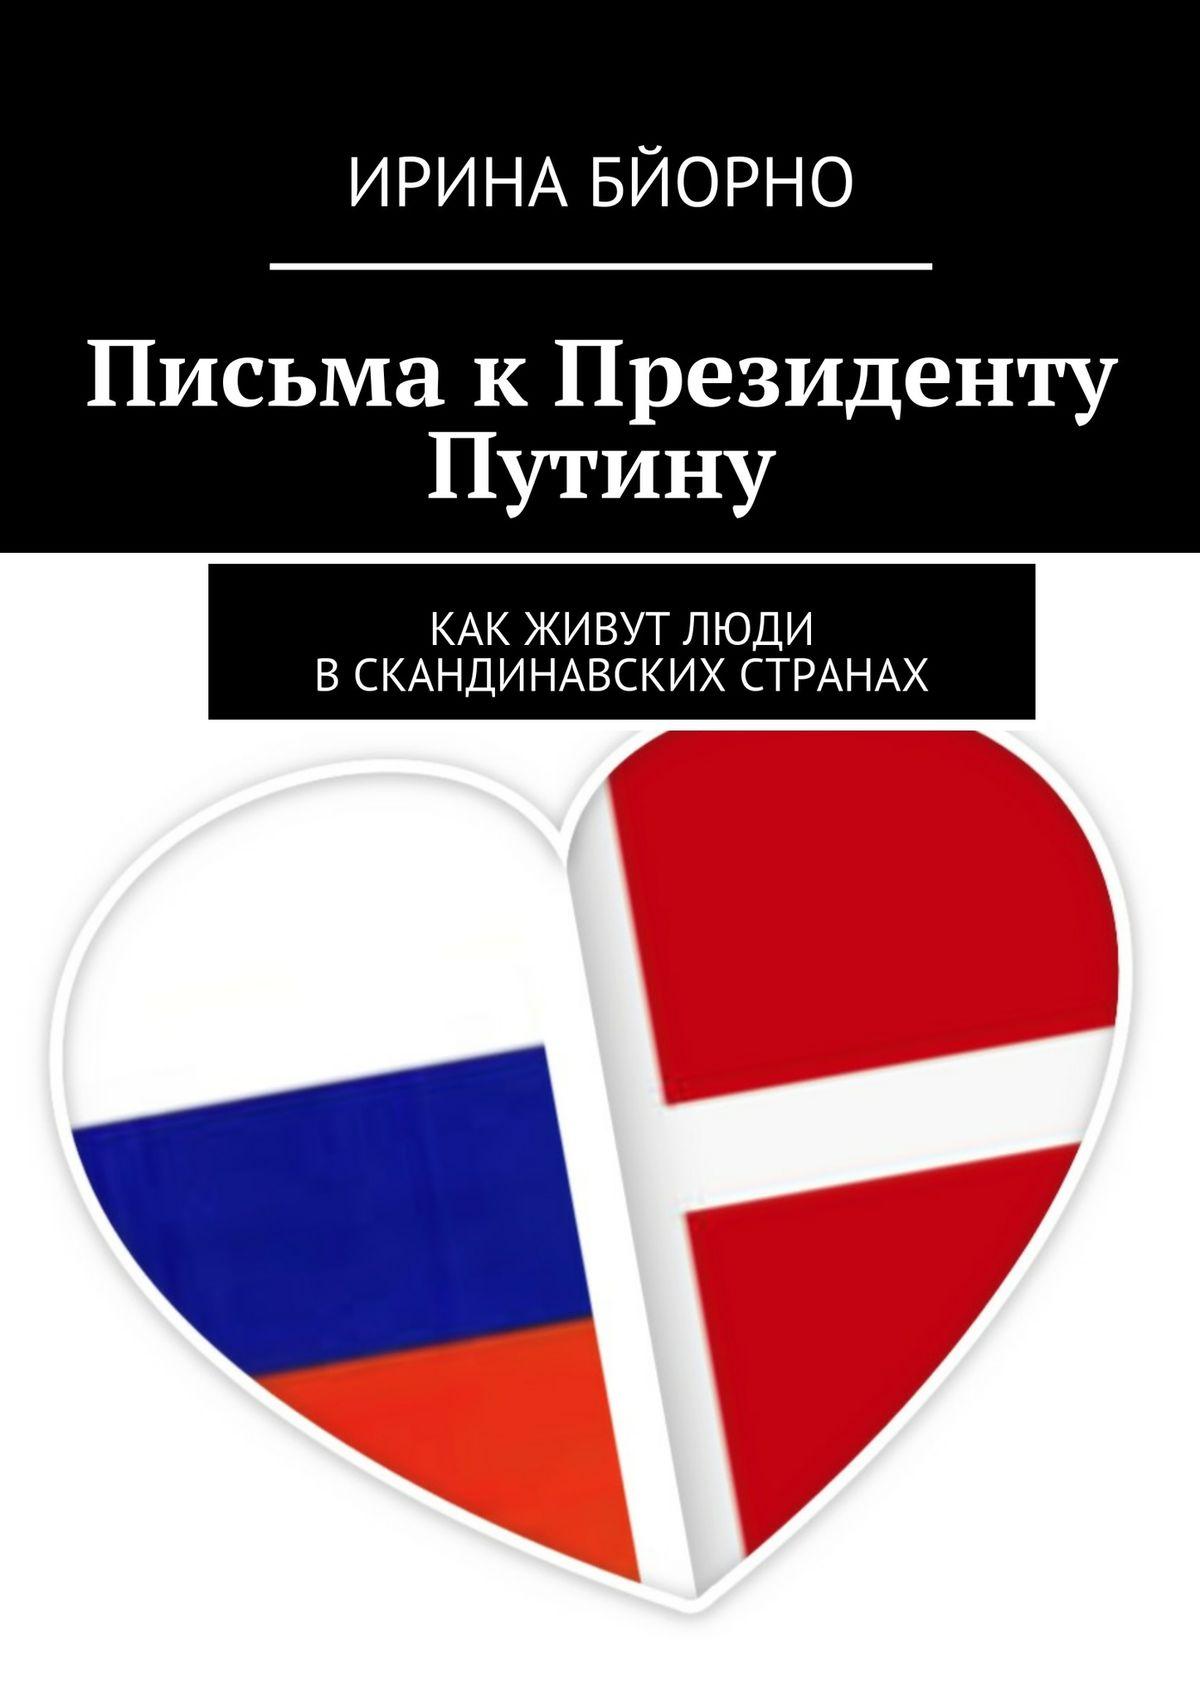 Ирина Бйорно Письма к Президенту Путину ирина бйорно письма к президенту путину